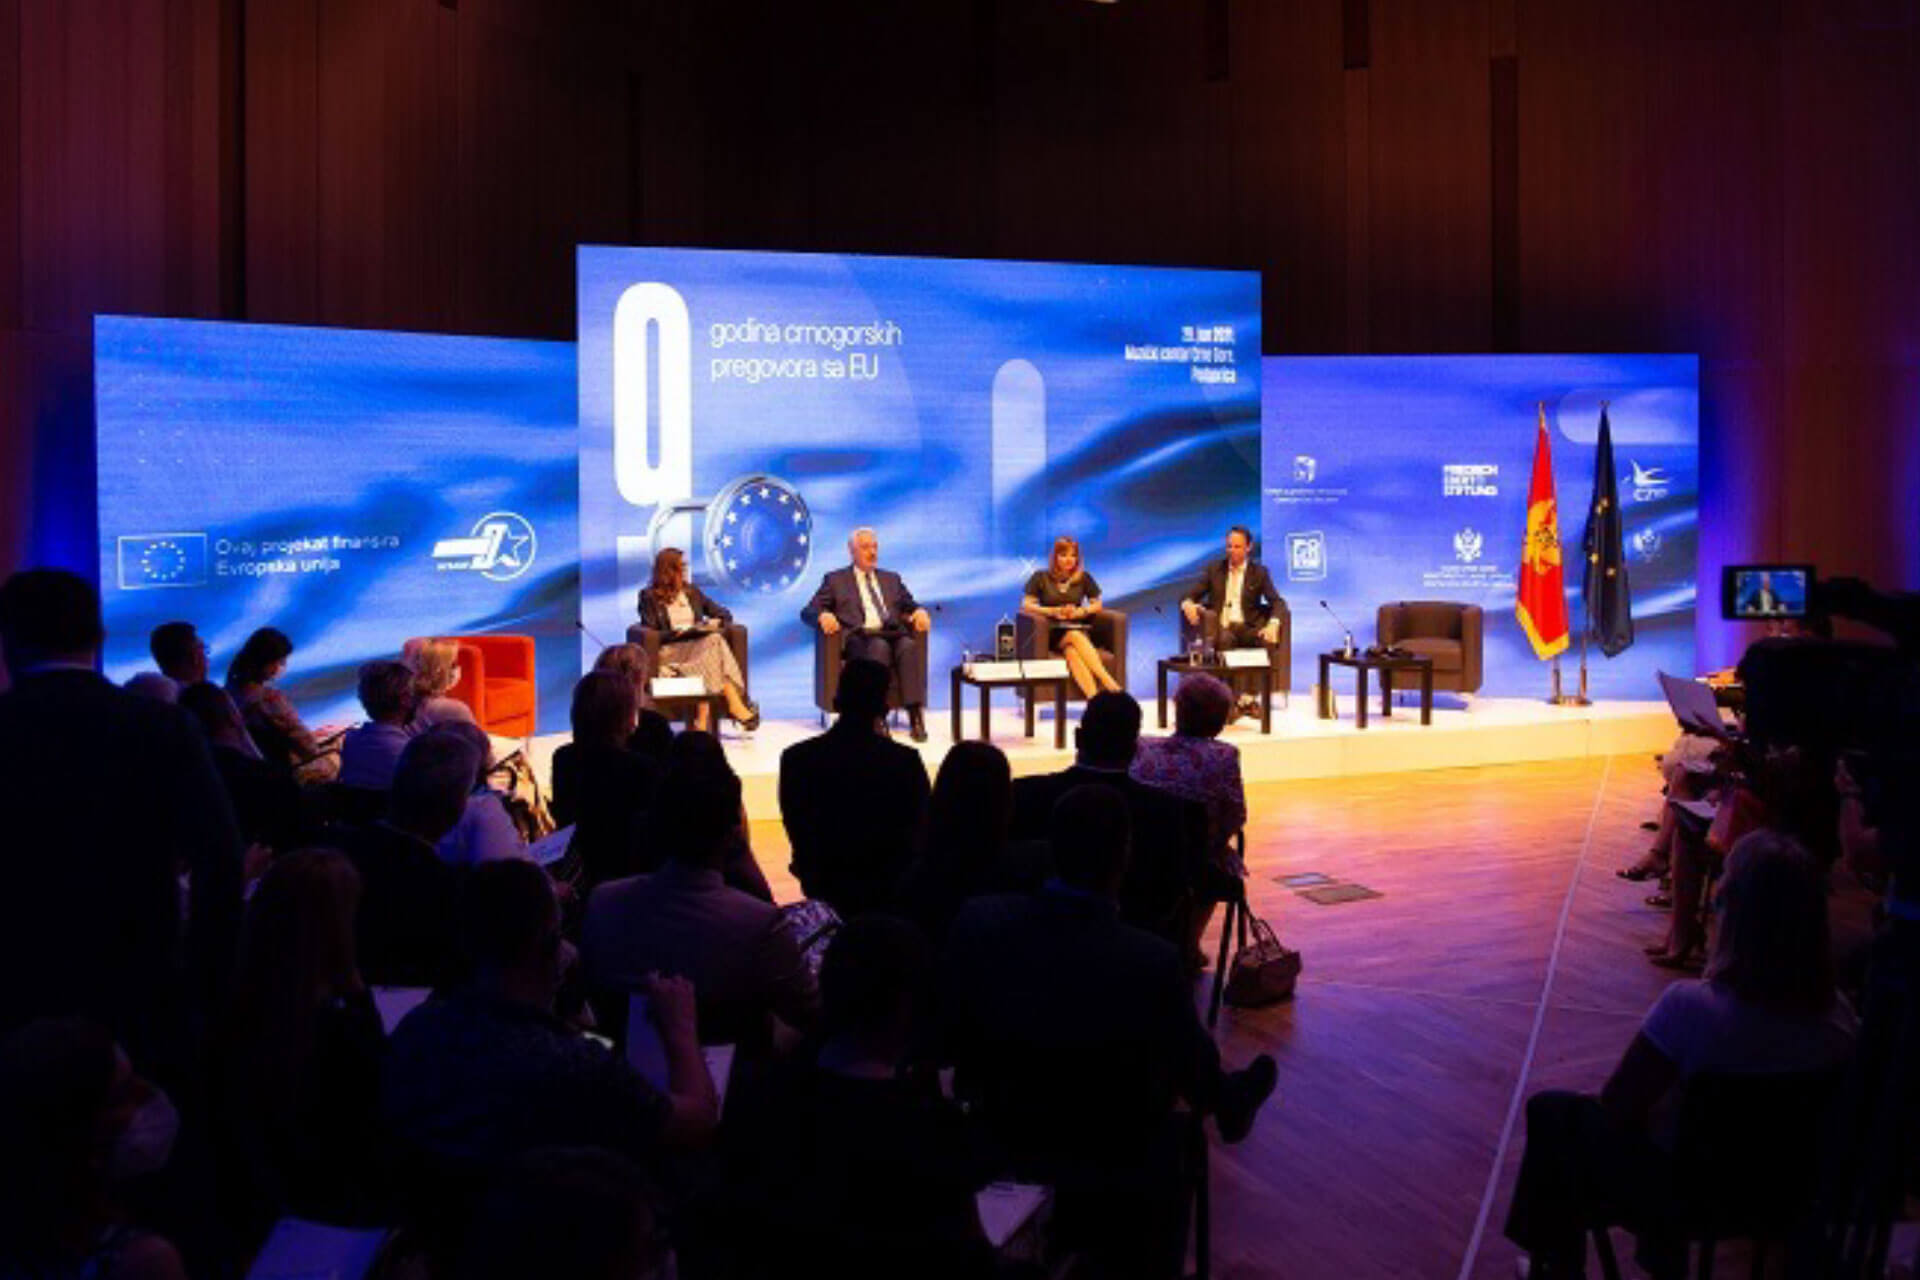 Devet godina crnogorskih pregovora sa EU